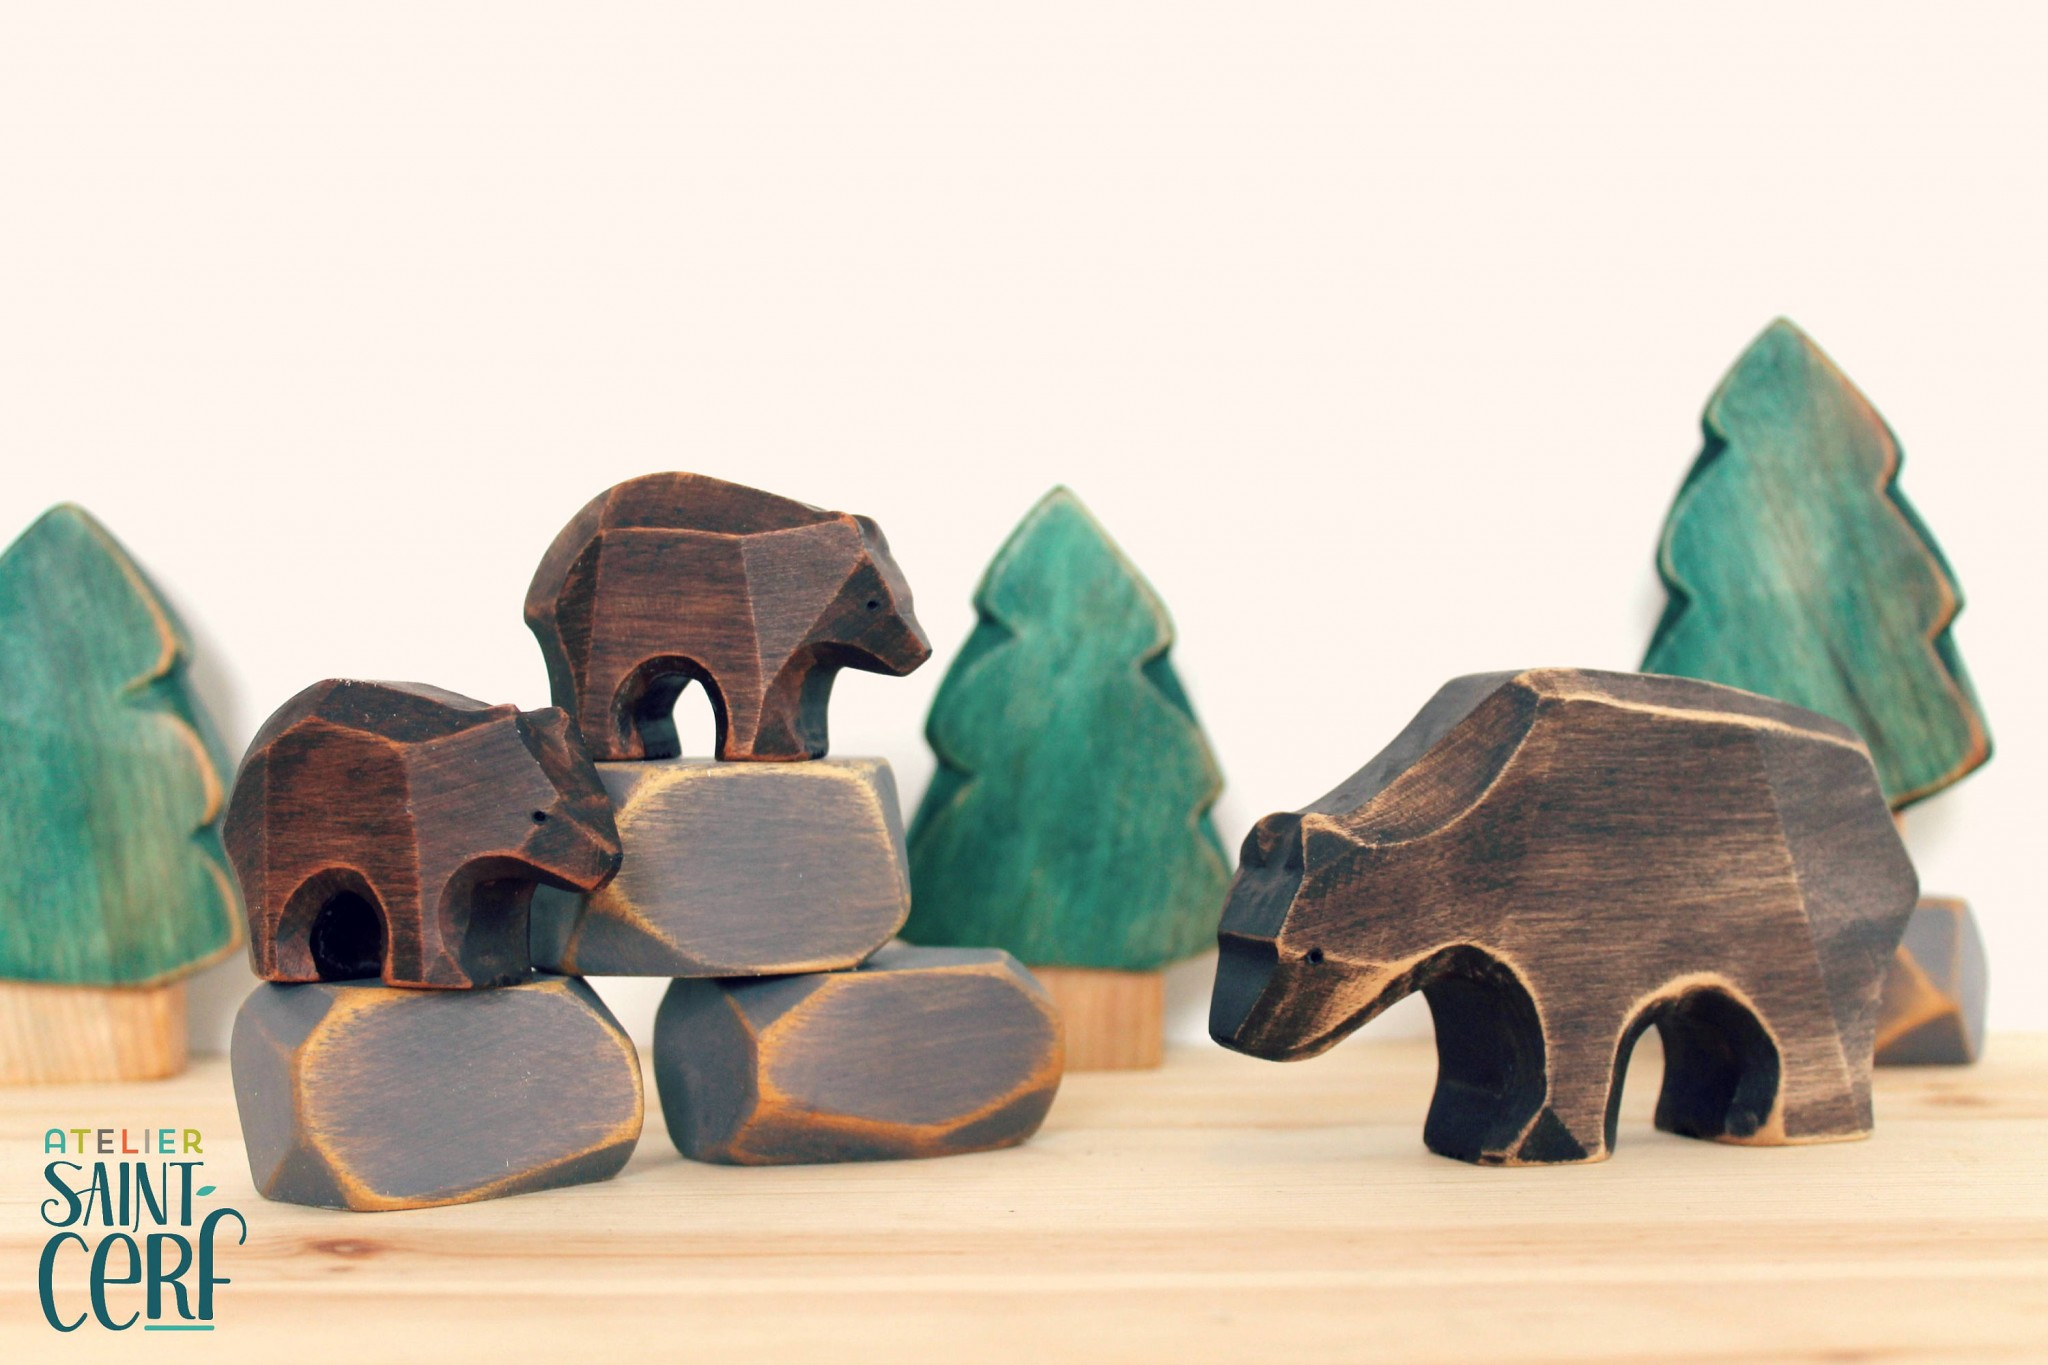 Atelier sans-cerf, etsy, jouets, jouet en bois, québec